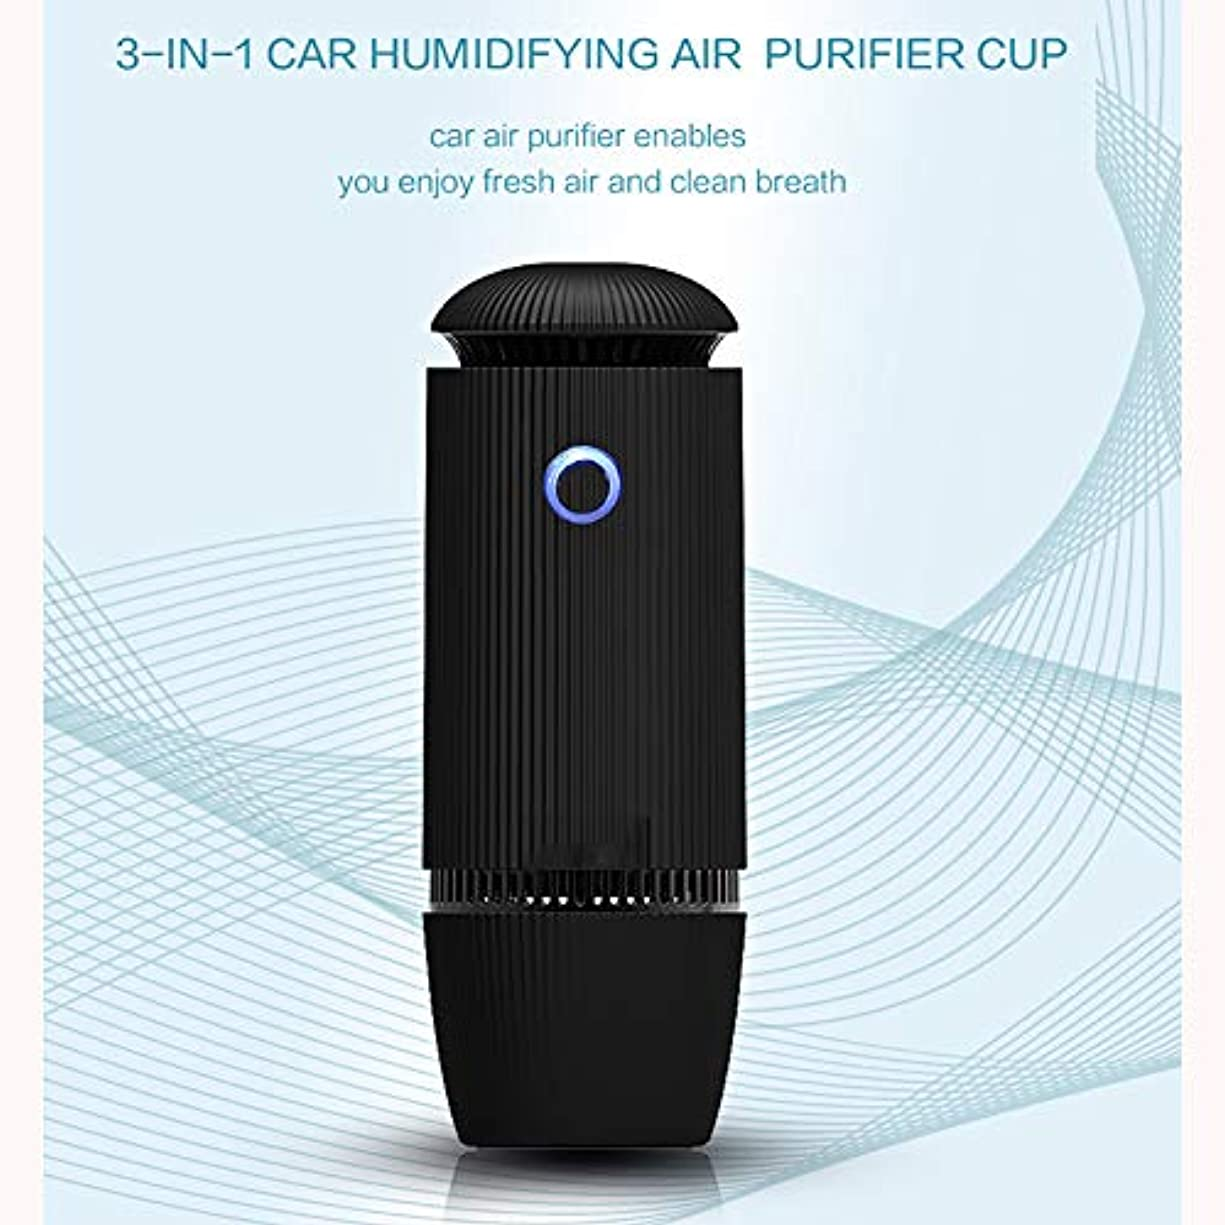 明らかにする数字テープ車のアロマセラピー機械清浄機、エッセンシャルオイルディフューザー多機能USBアロマ加湿器用車、家庭、仕事